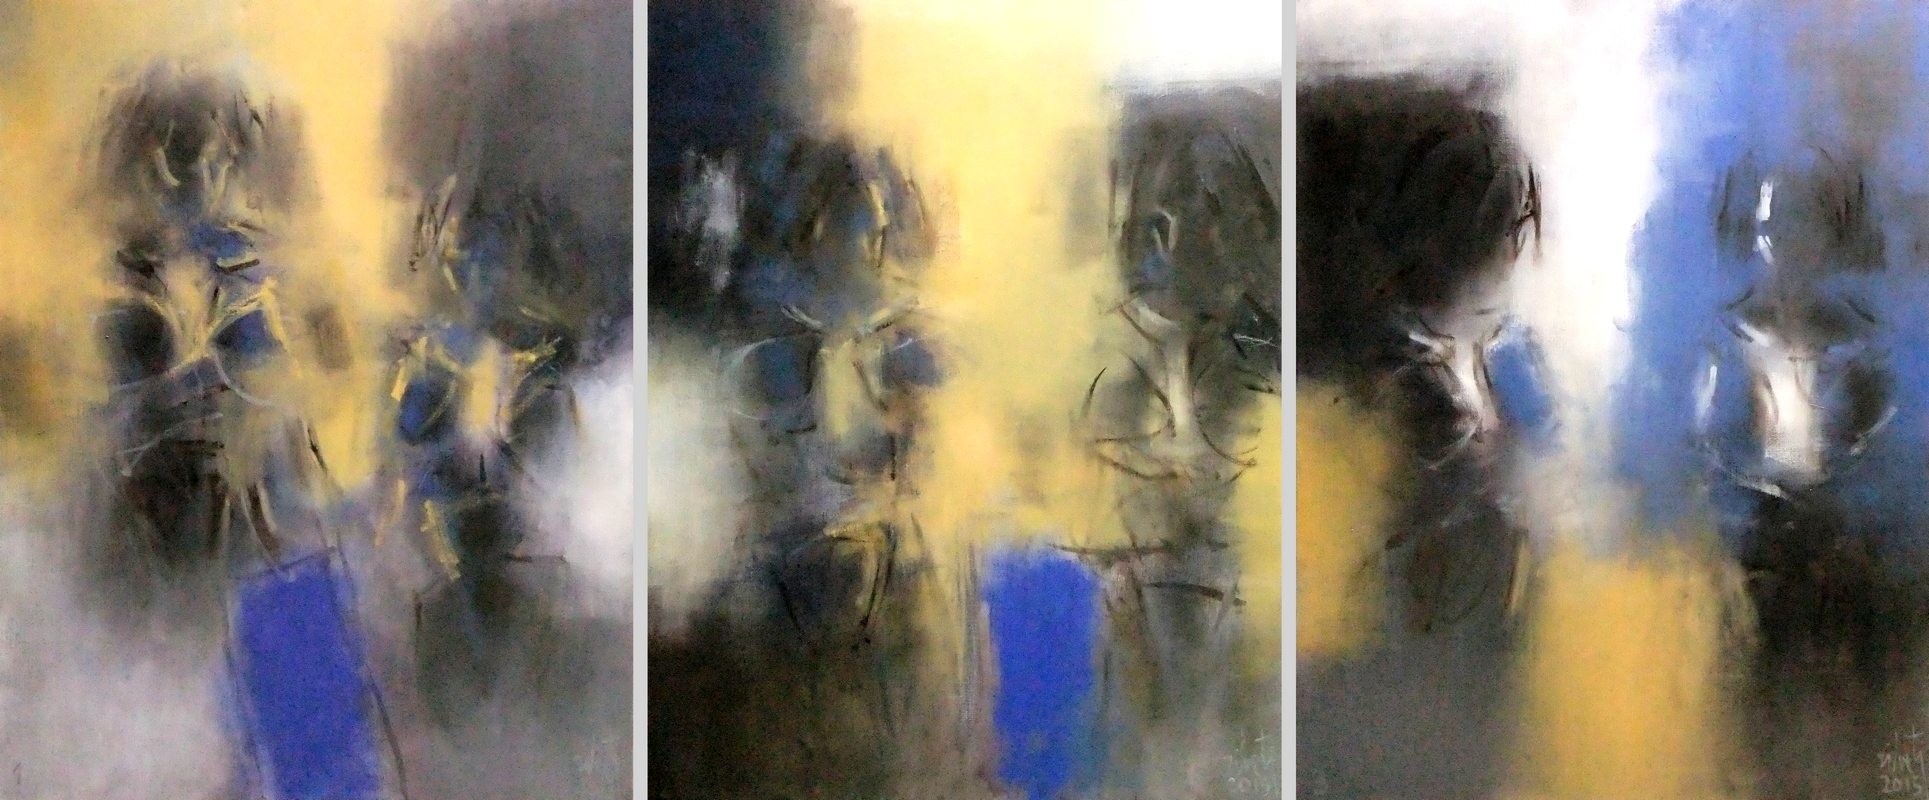 Zilveti - Hier, aujourd'hui et demain II (triptyque A-B-C) - Huile sur toile - 92x223 cm - Paris 2015